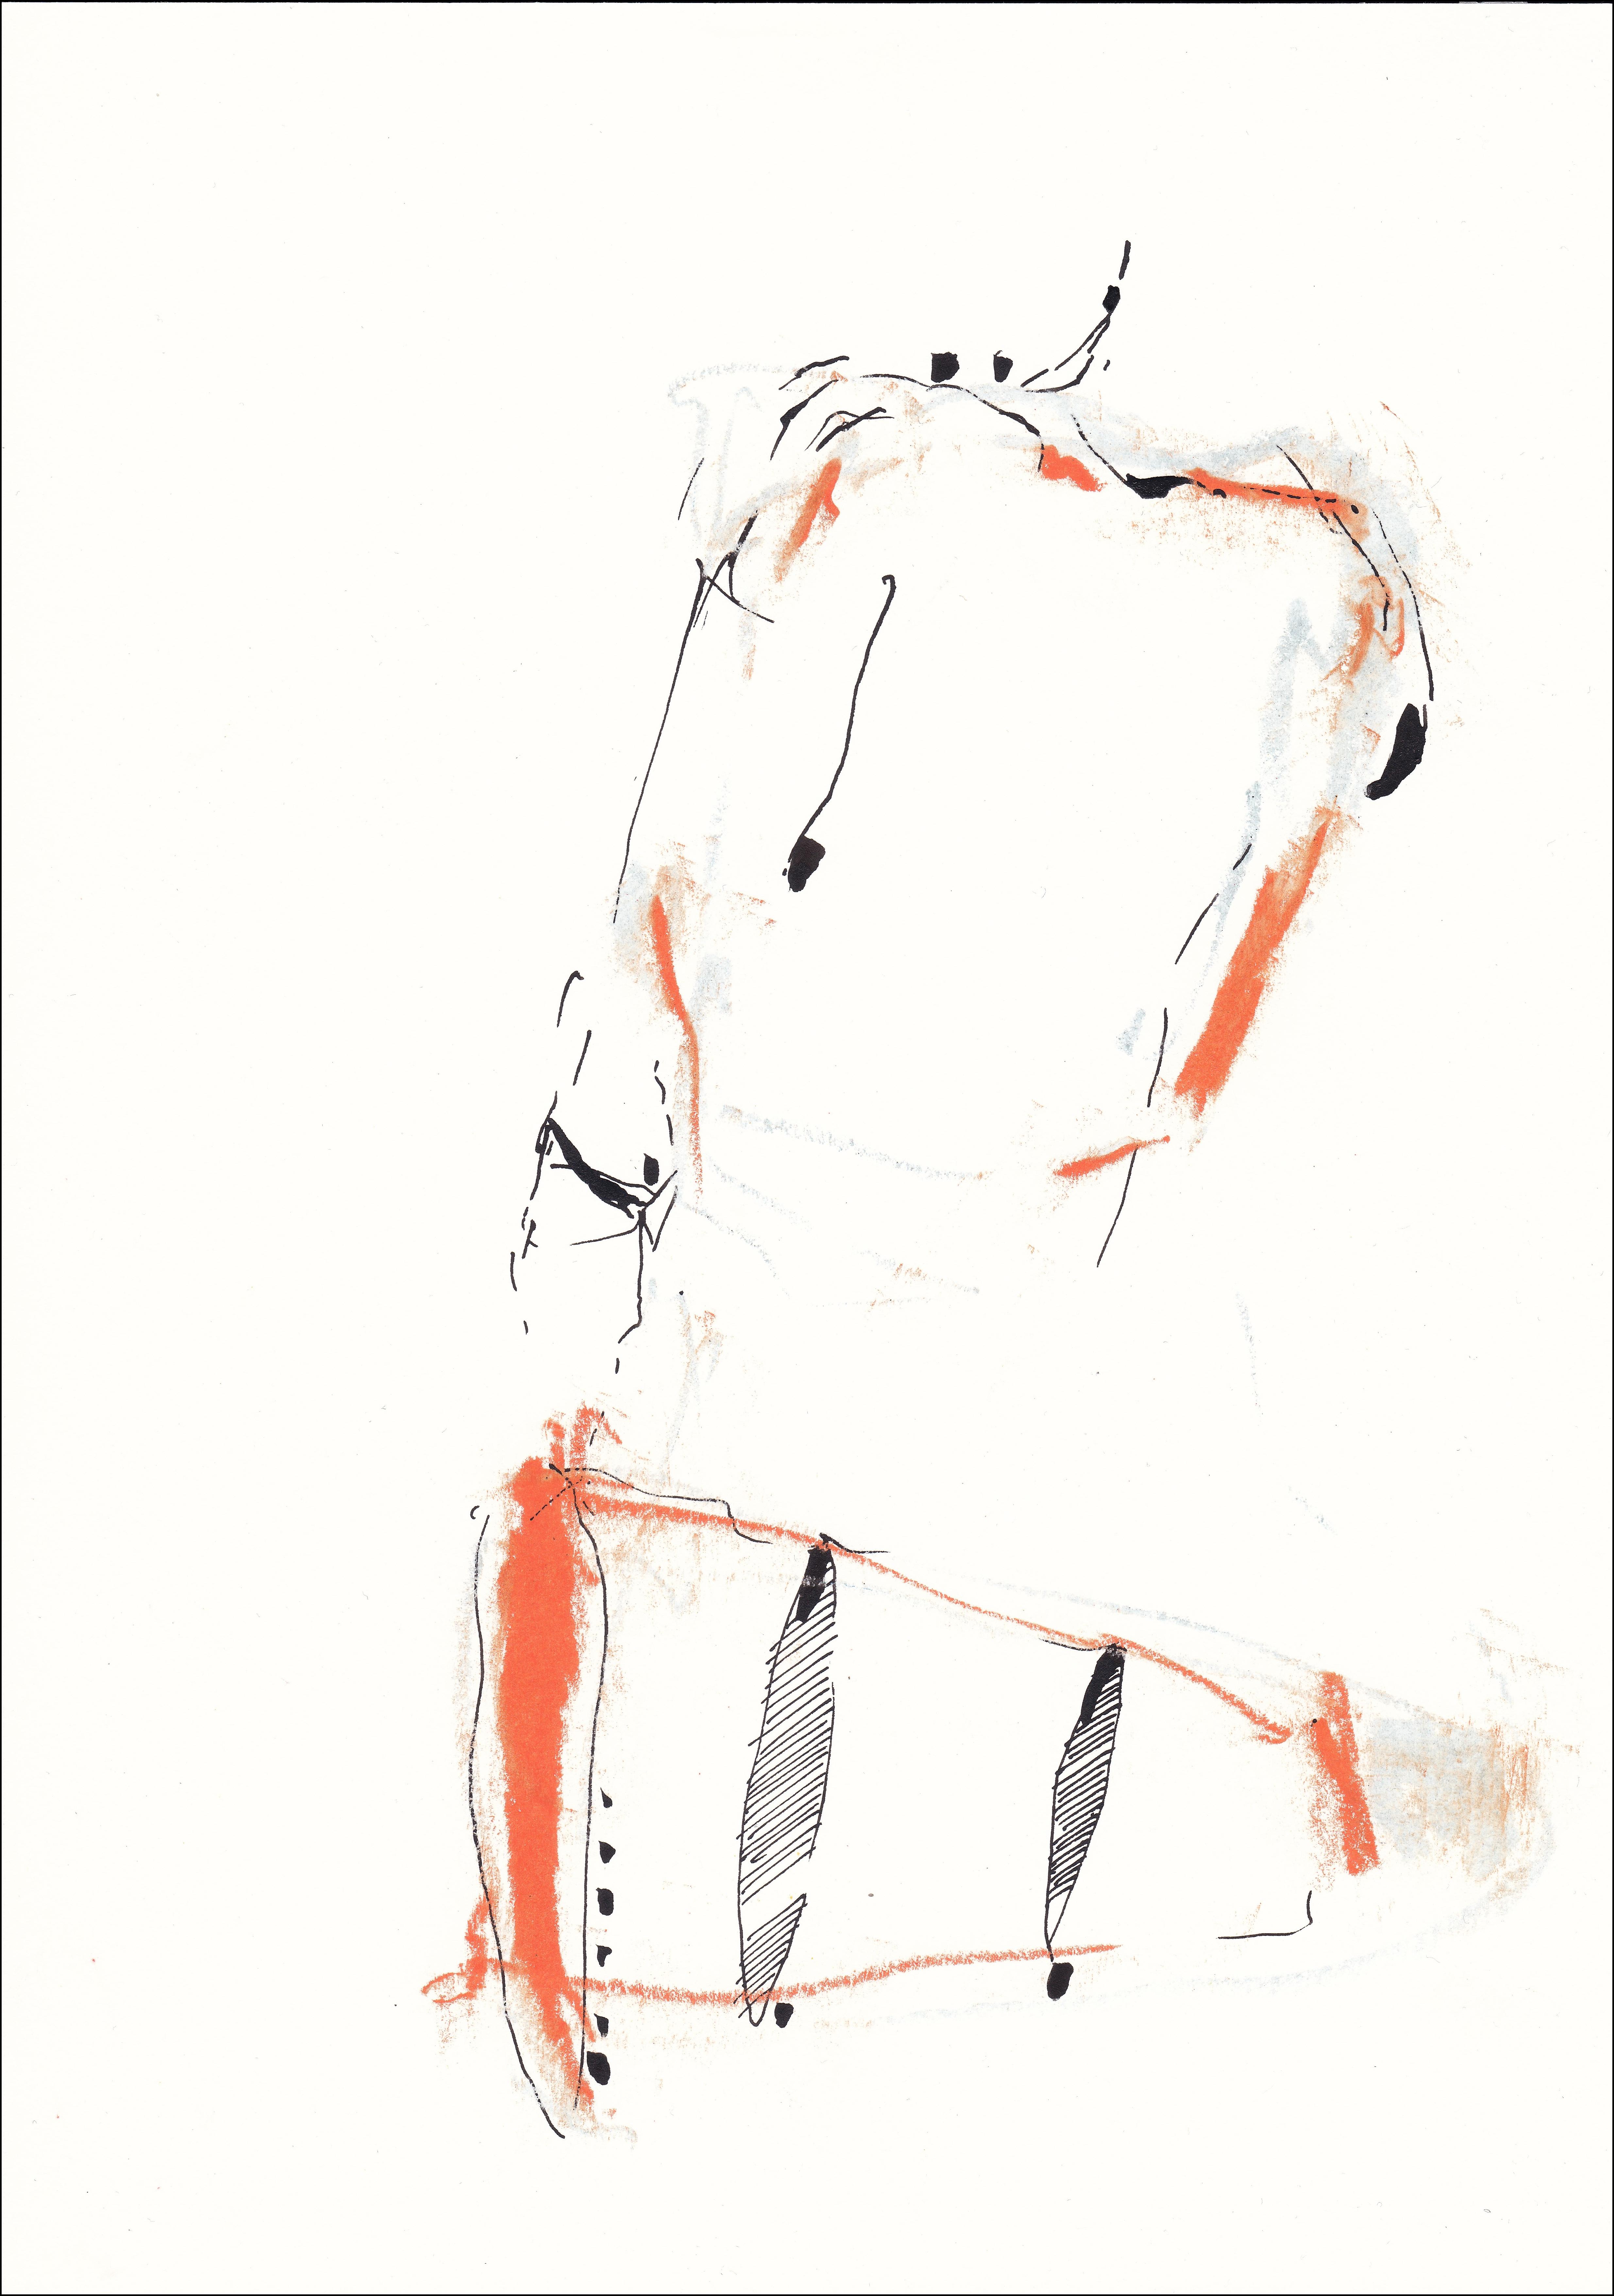 L CHAOUAT dessin 06 21x30 cm